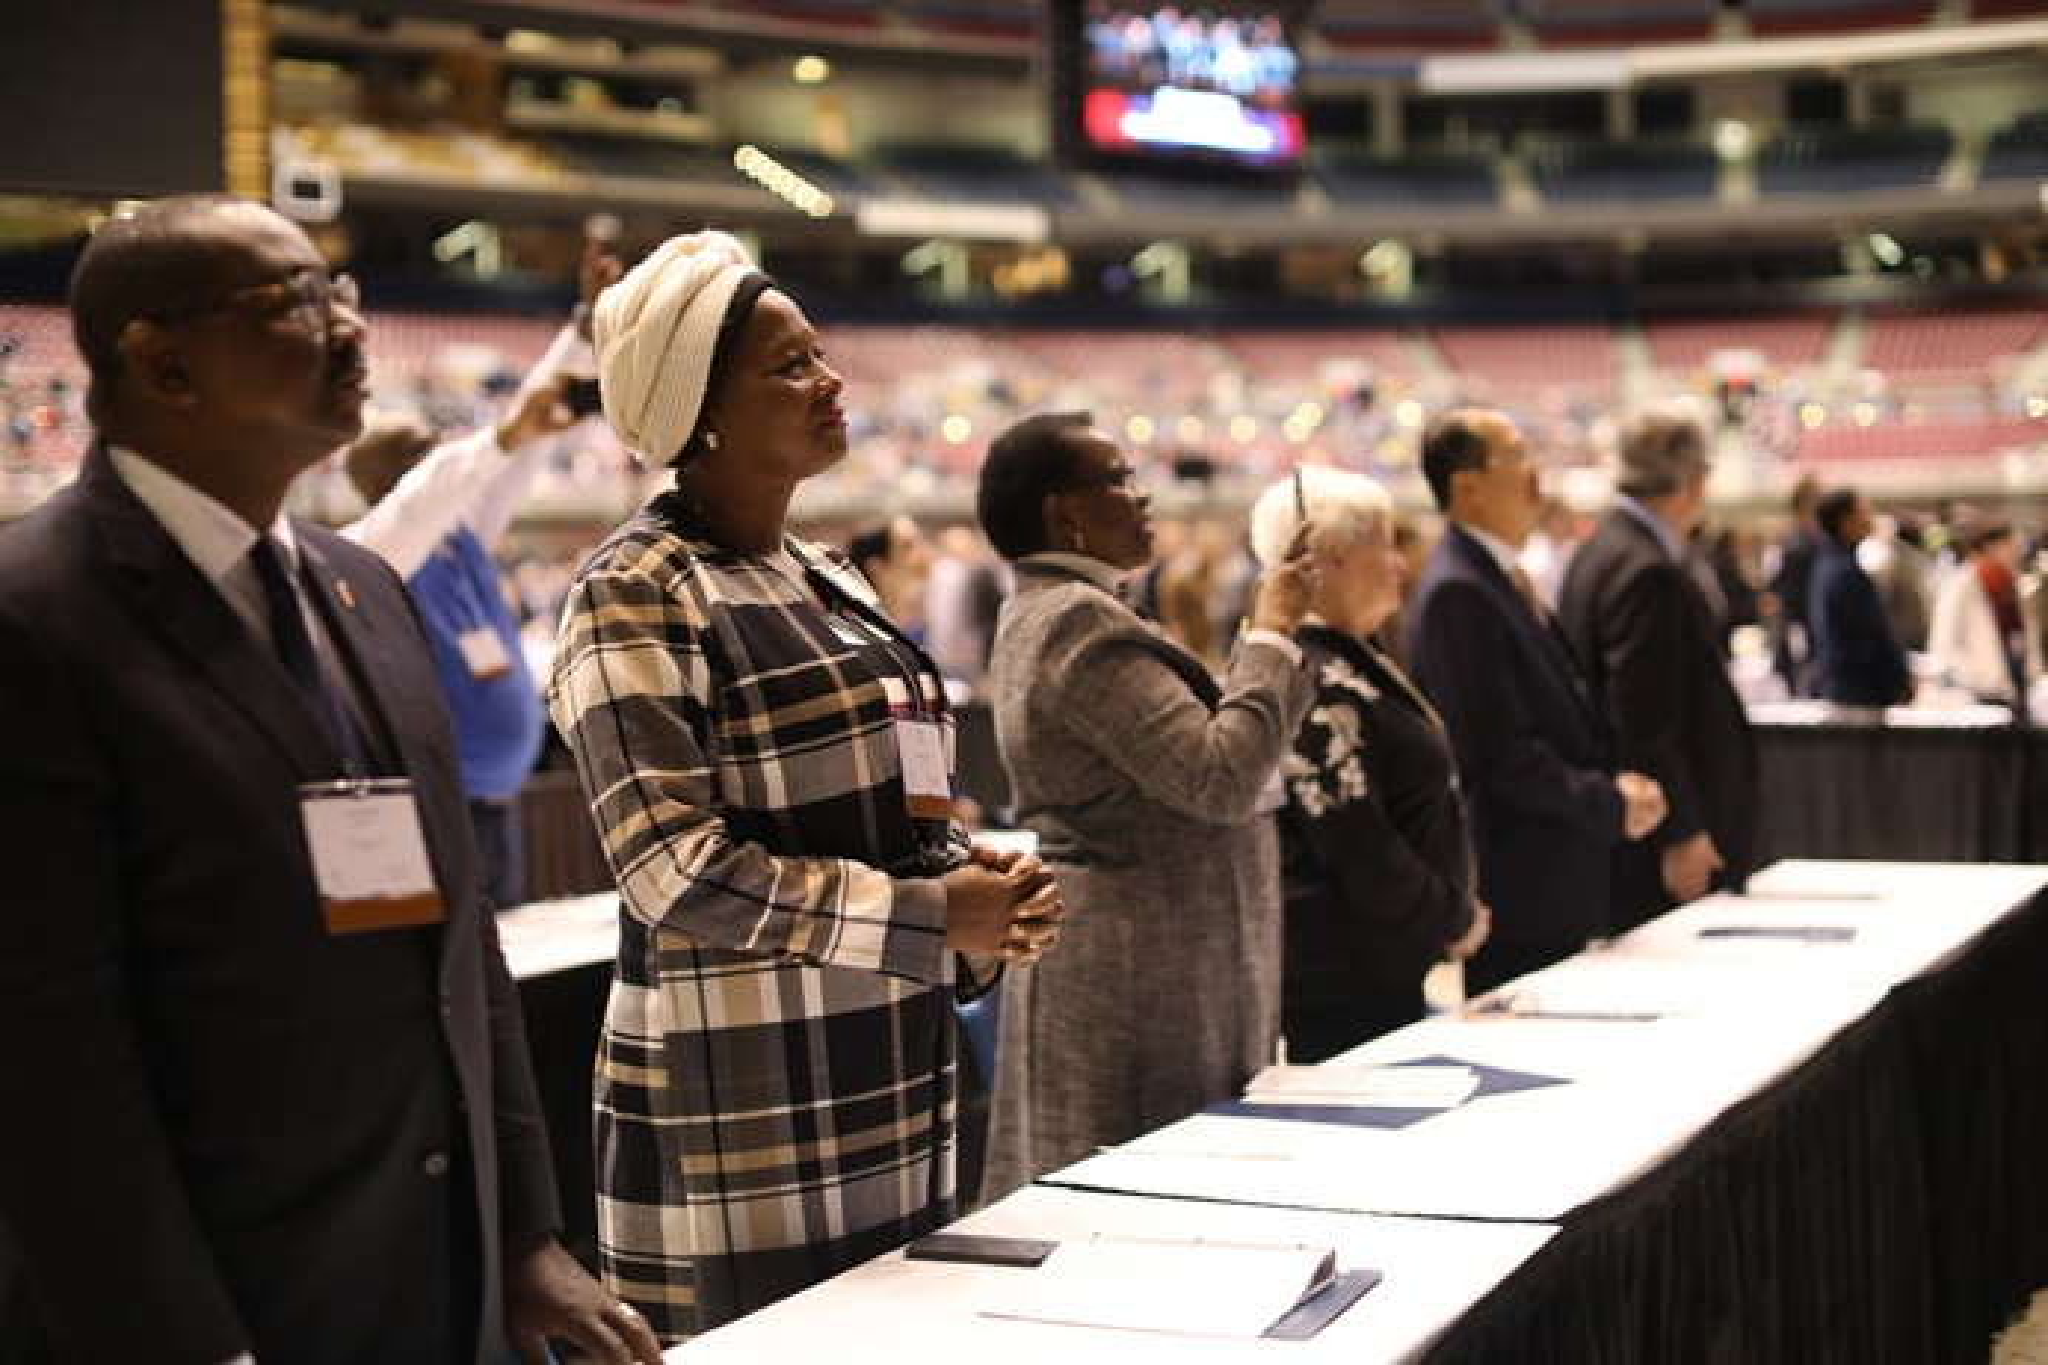 Membros do Conselho Judicial durante a manhã de oração em 23 de fevereiro na Sessão Especial da CGMU em St. Louis. - Foto pela Kathleen Barry (UMNS).